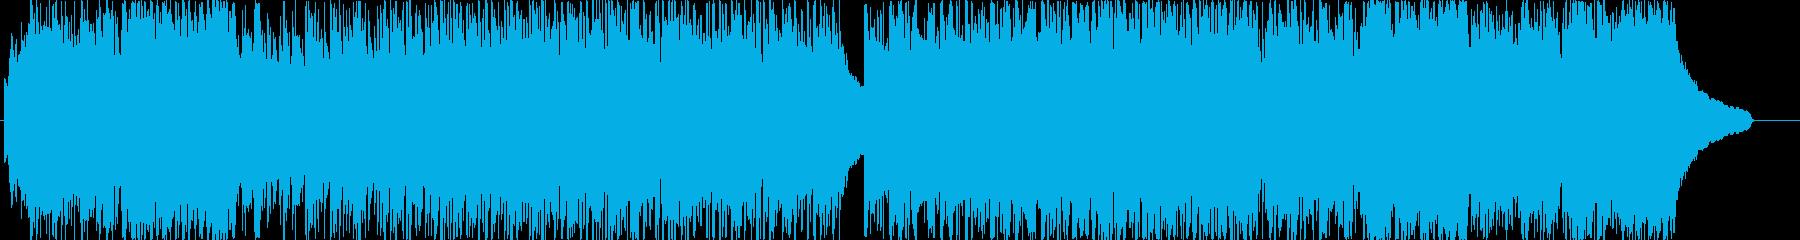 ニュースや紹介映像に向いたクールなBGMの再生済みの波形